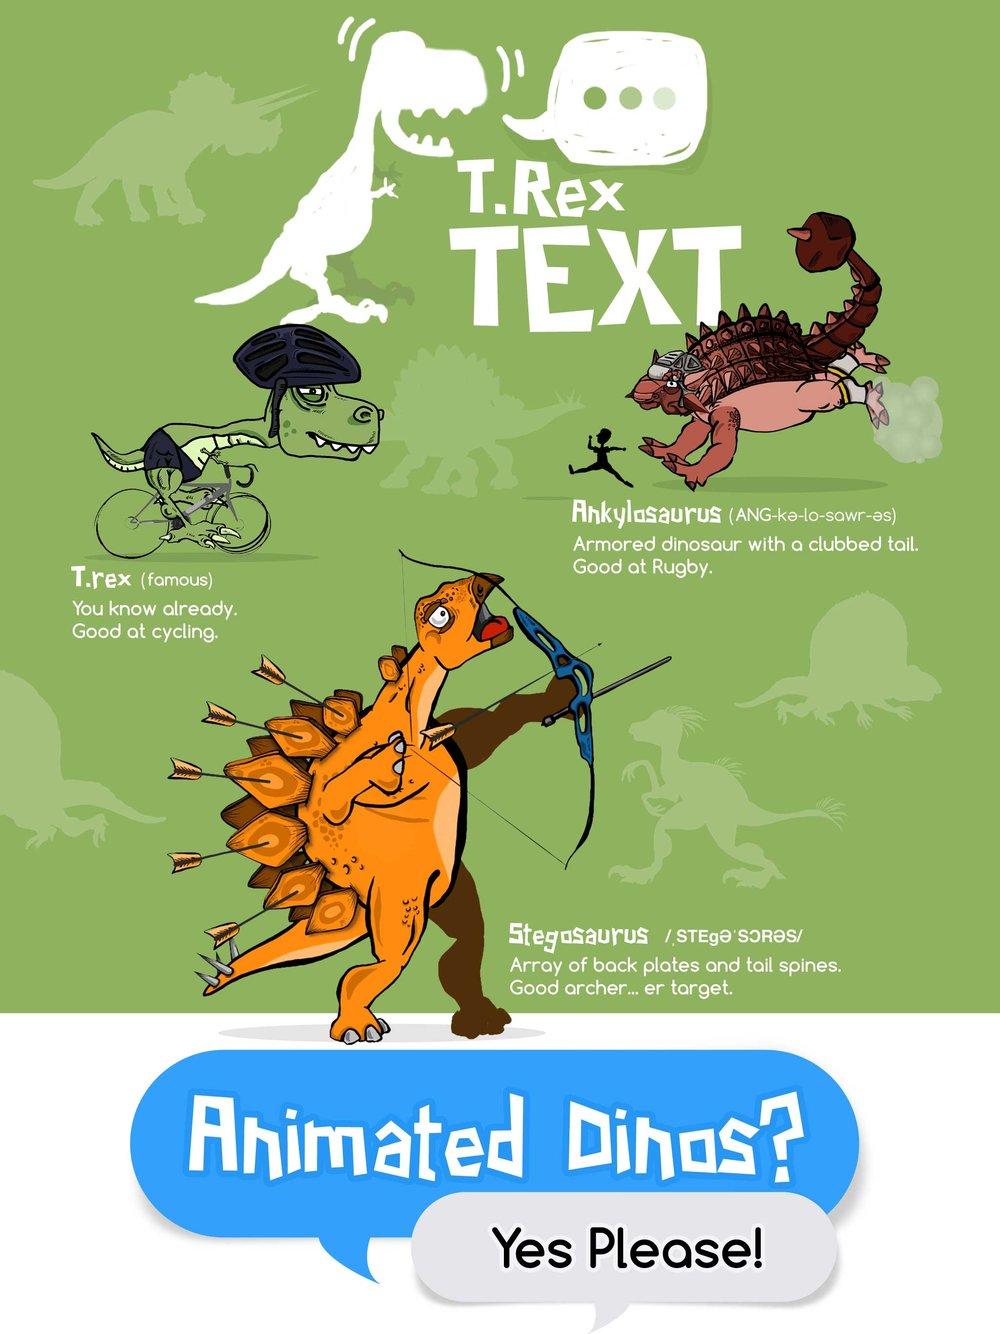 trex-text-screenshot1-ipad.jpg